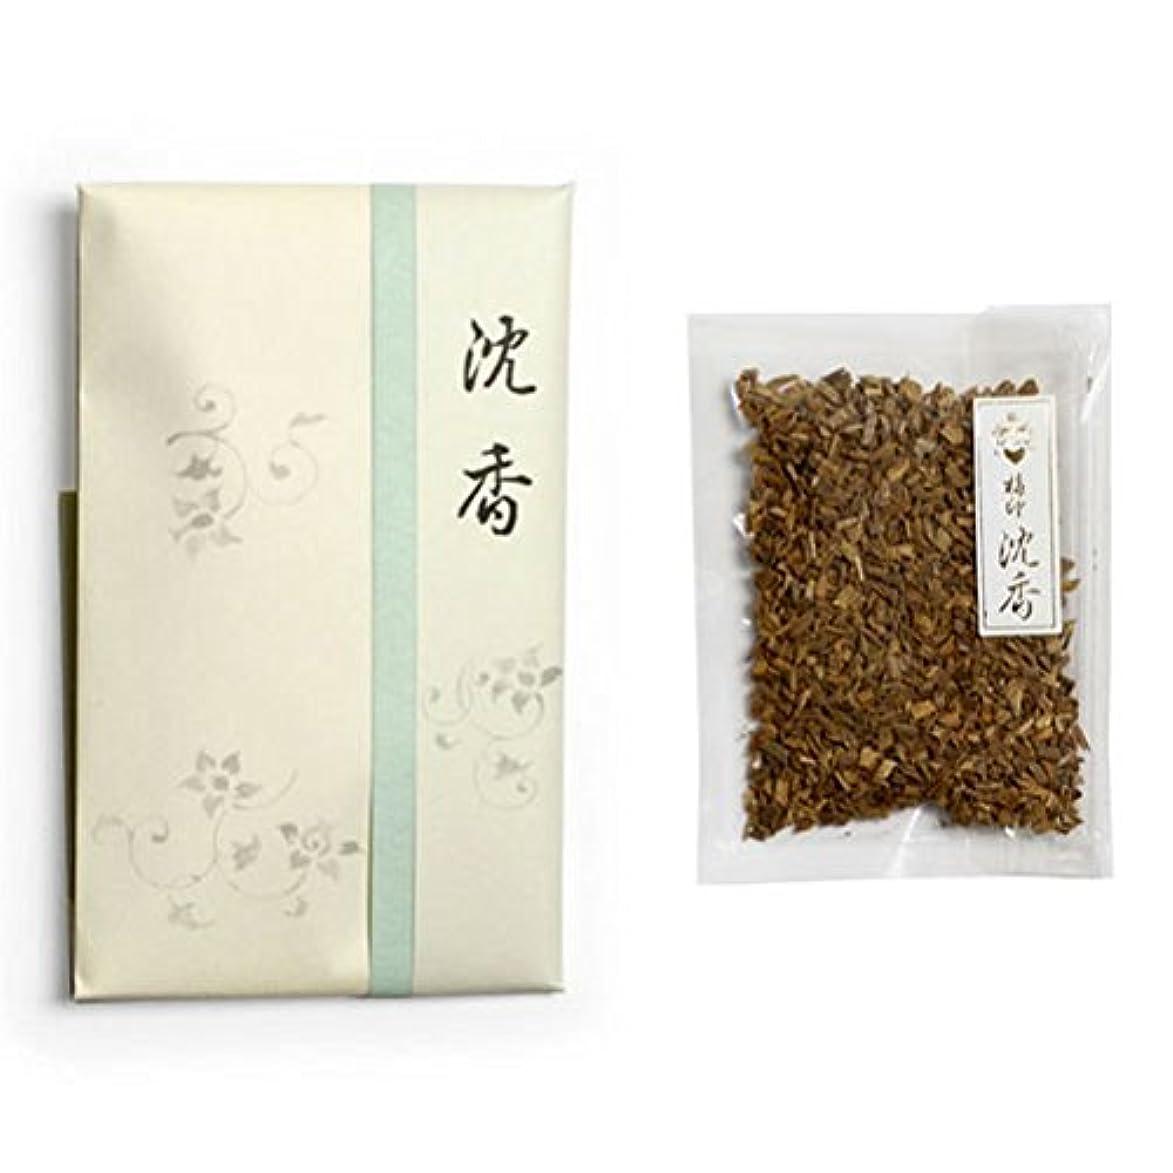 フレア吸収する淡い香木 竹印 沈香 刻(きざみ) 5g詰 松栄堂